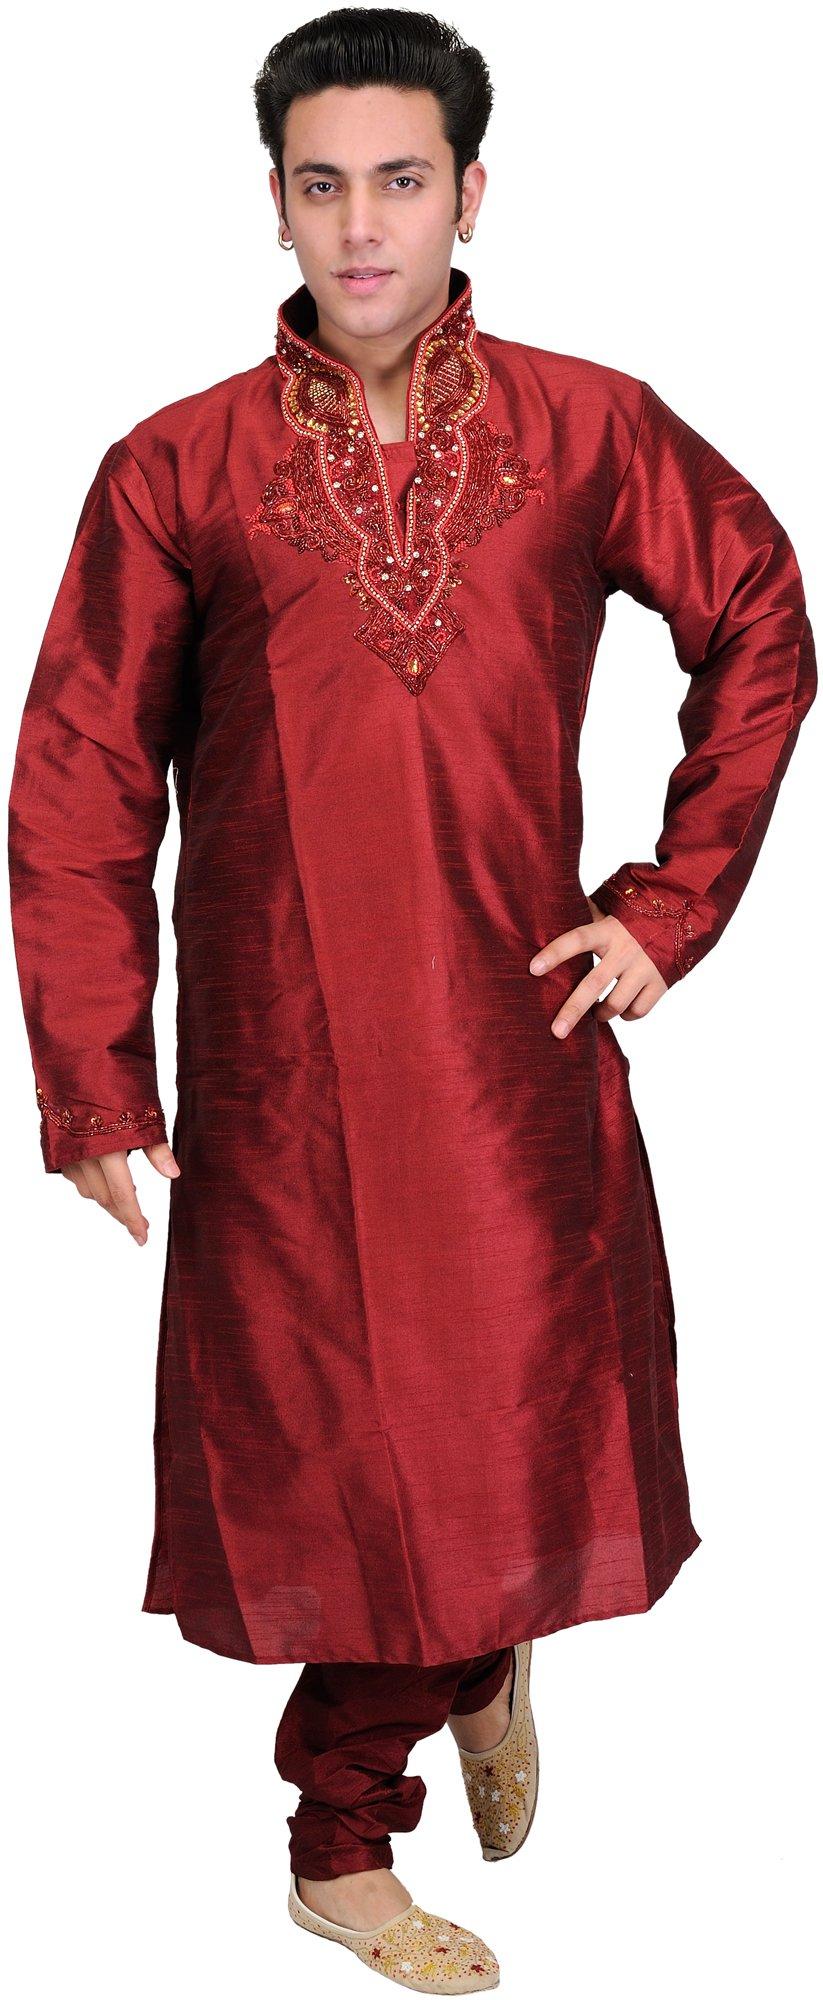 Exotic India Maroon Wedding Kurta Pajama Set With Embro - Red Size 40